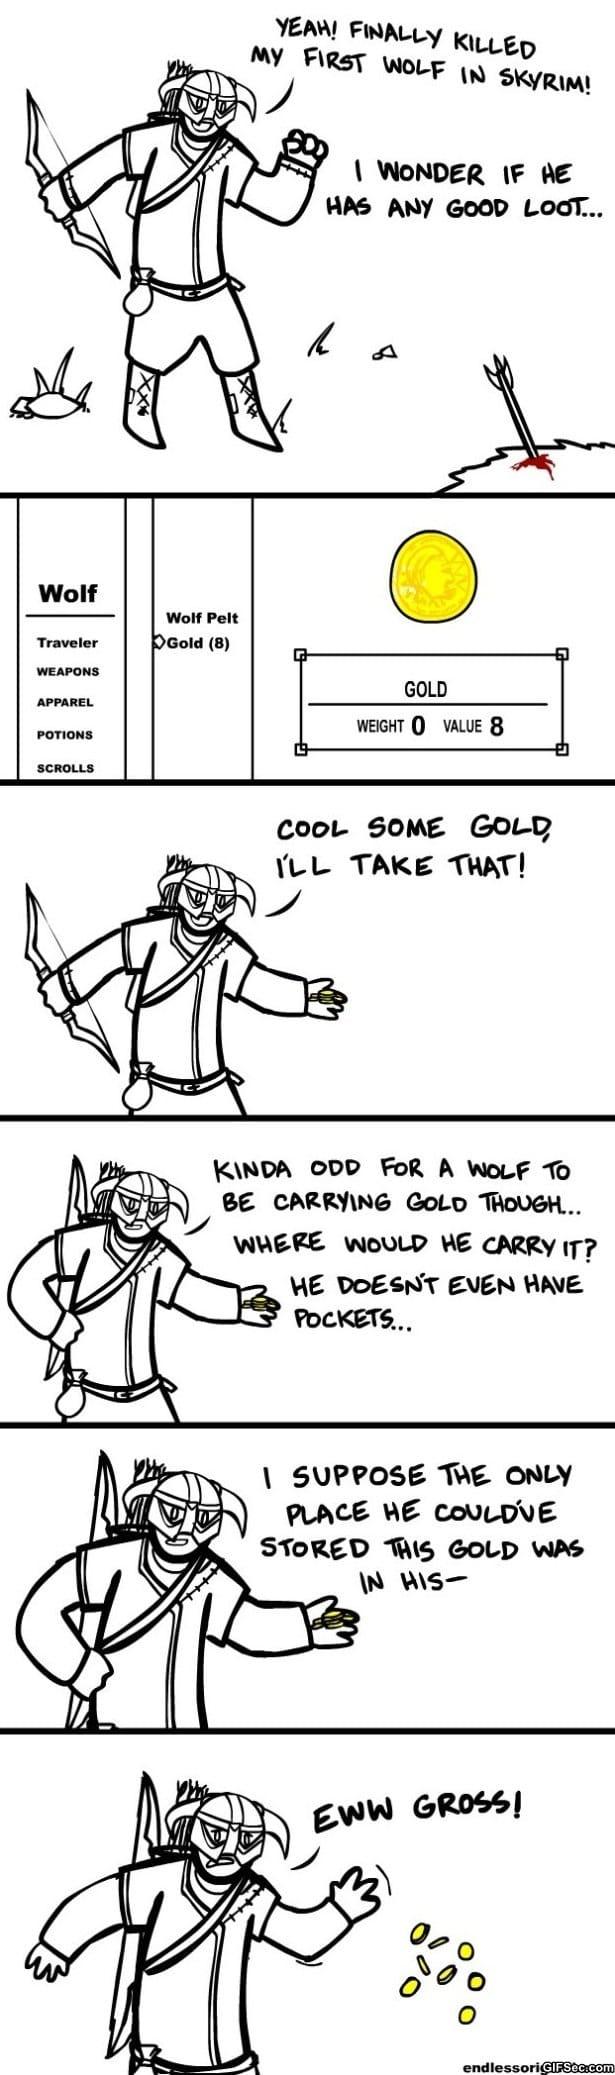 skyrim-comics